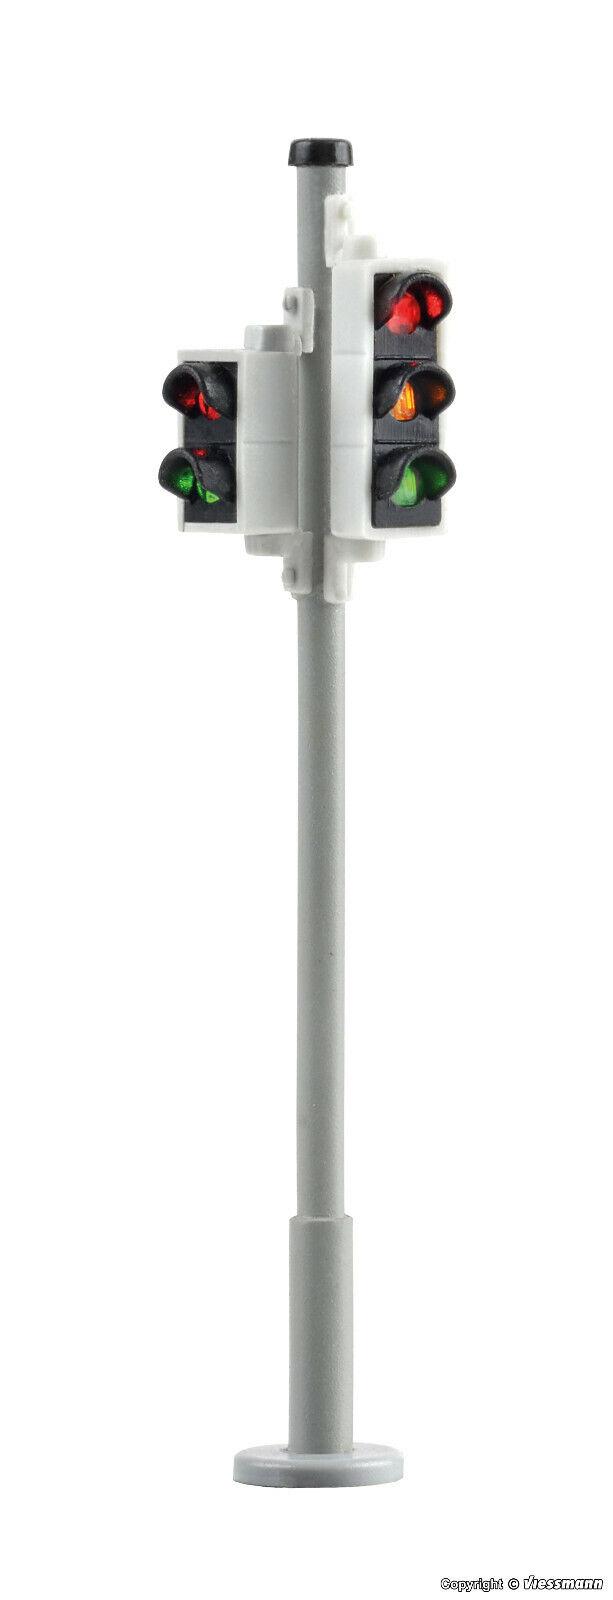 Viessmann h0 5095 2 semafori M. semaforo pedonale LED Nuovo/Scatola Originale